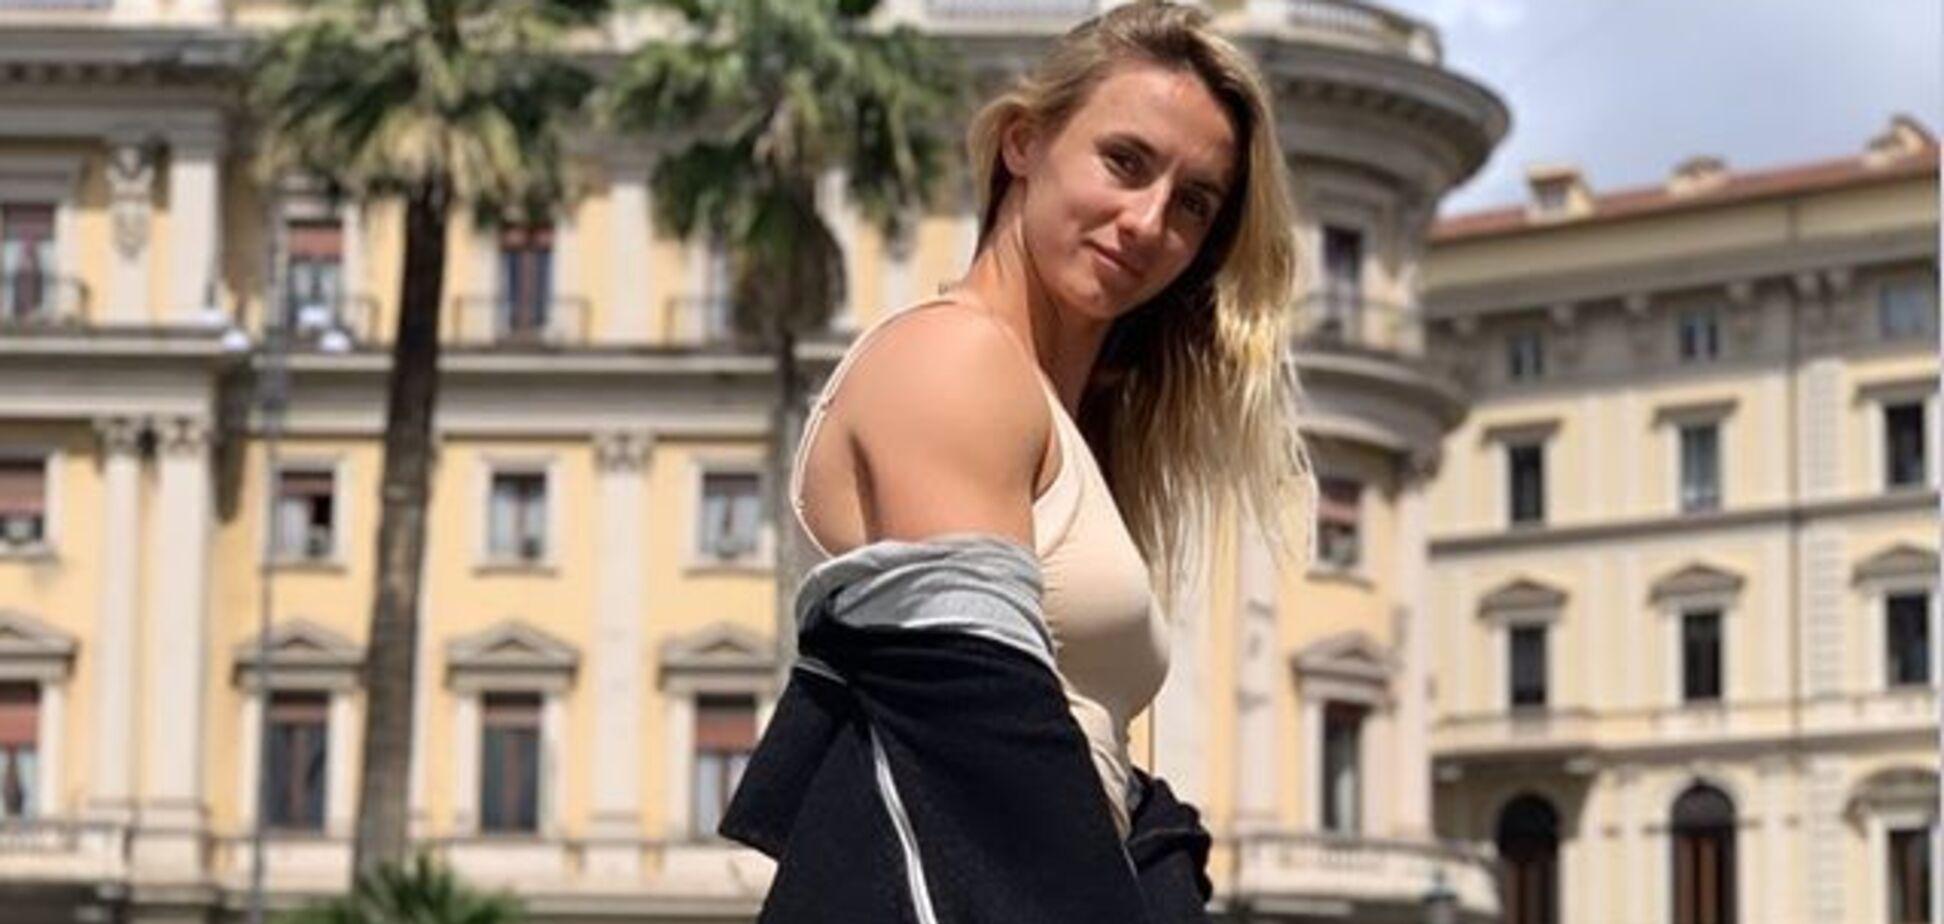 'В очікуванні сексу': українська тенісистка викликала фурор еротичним фото в Instagram